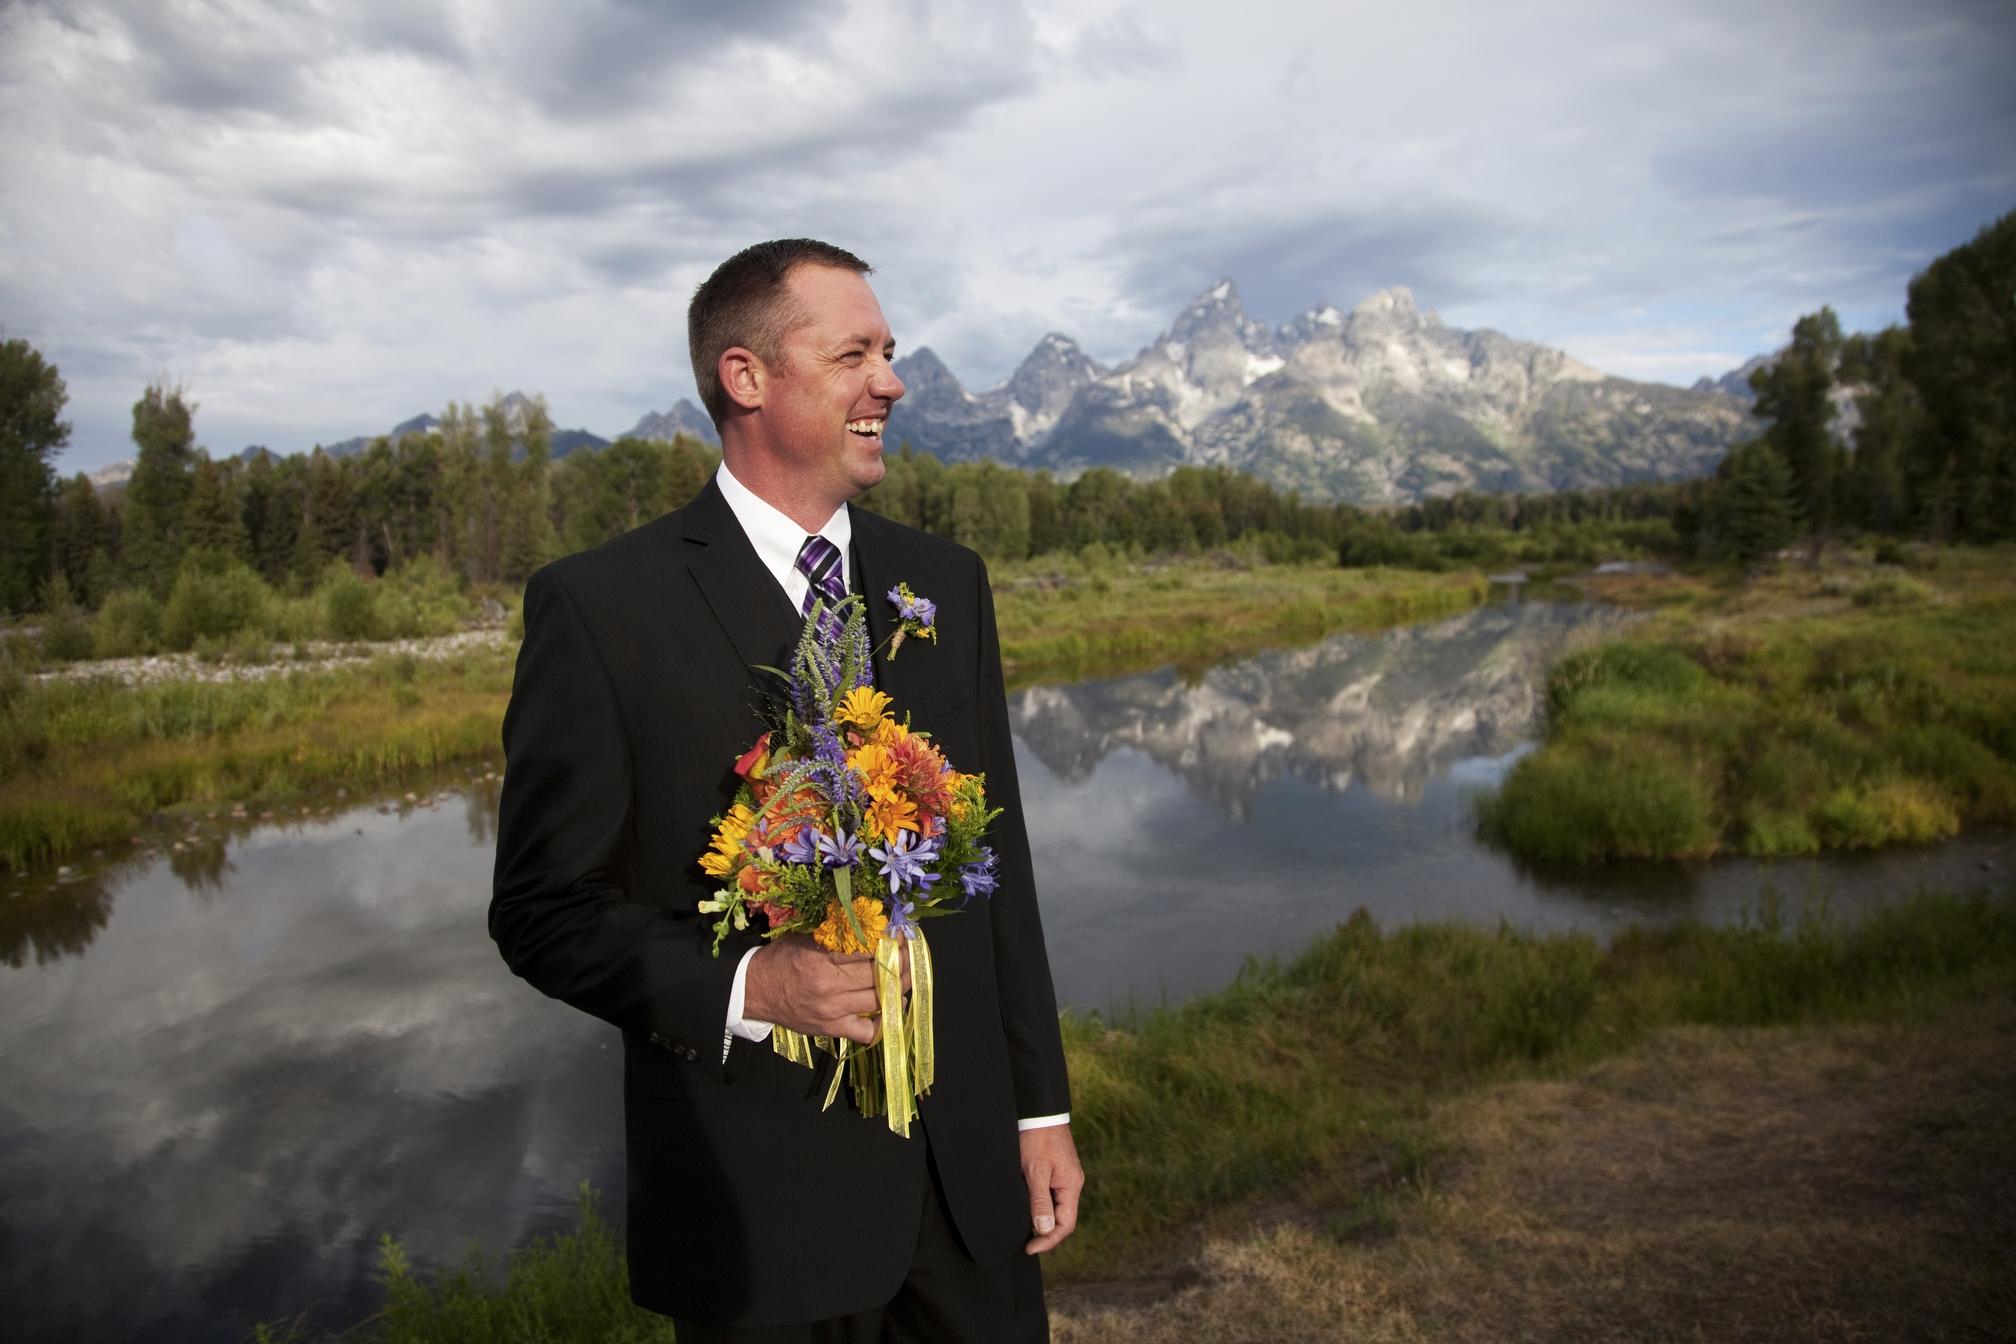 Thomas Jackson Hole Wedding 2012_0569.JPG